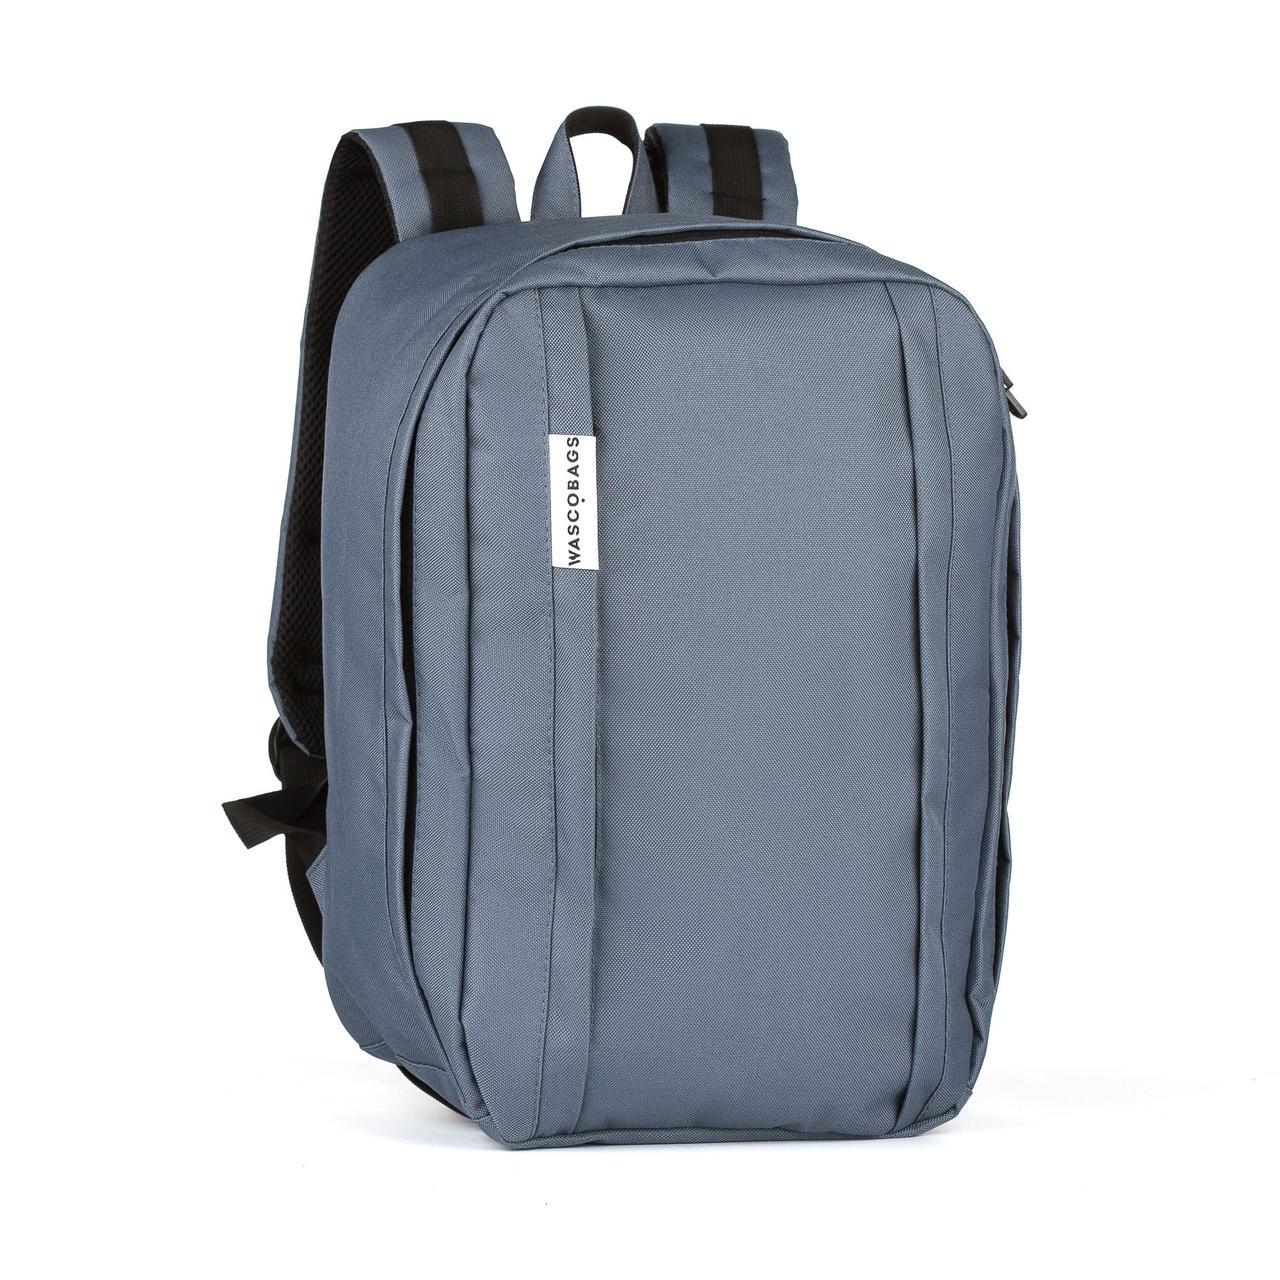 Рюкзак для ручной клади Wascobags 40x30x20 WZ Графит